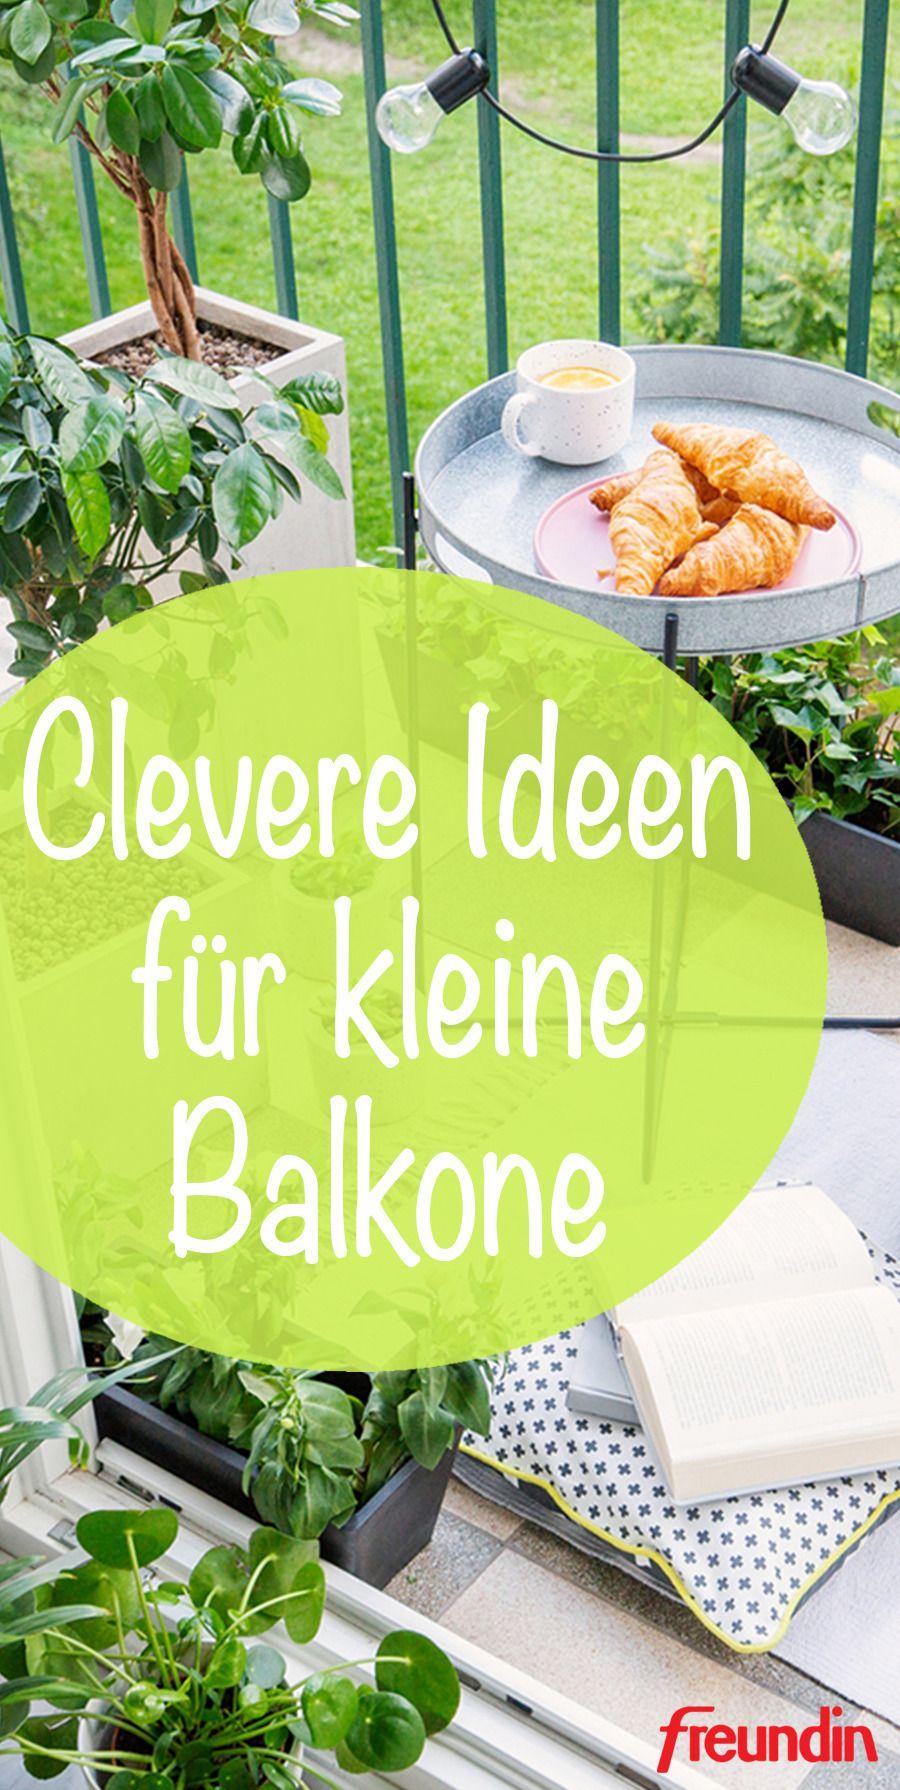 Herausspaziert! Clevere Ideen für kleine Balkone | freundin.de